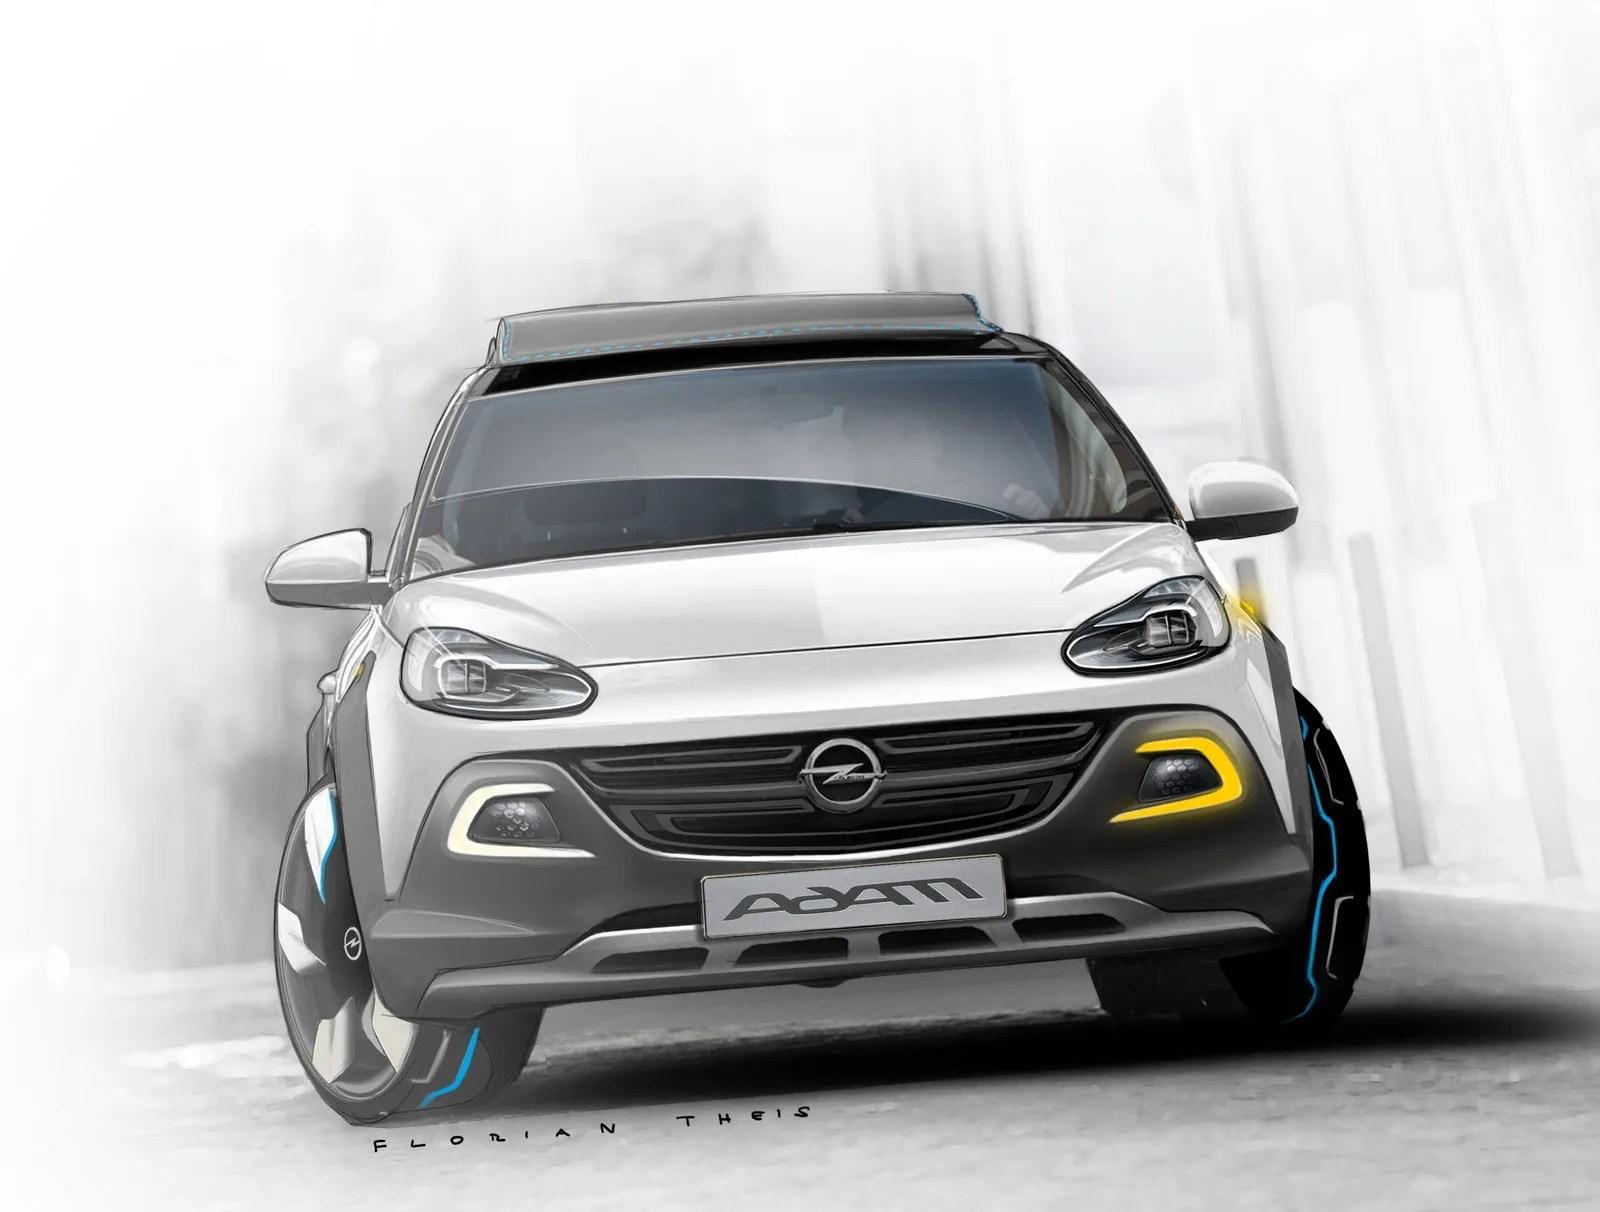 2013 Opel Adam Rocks Concept Top Speed